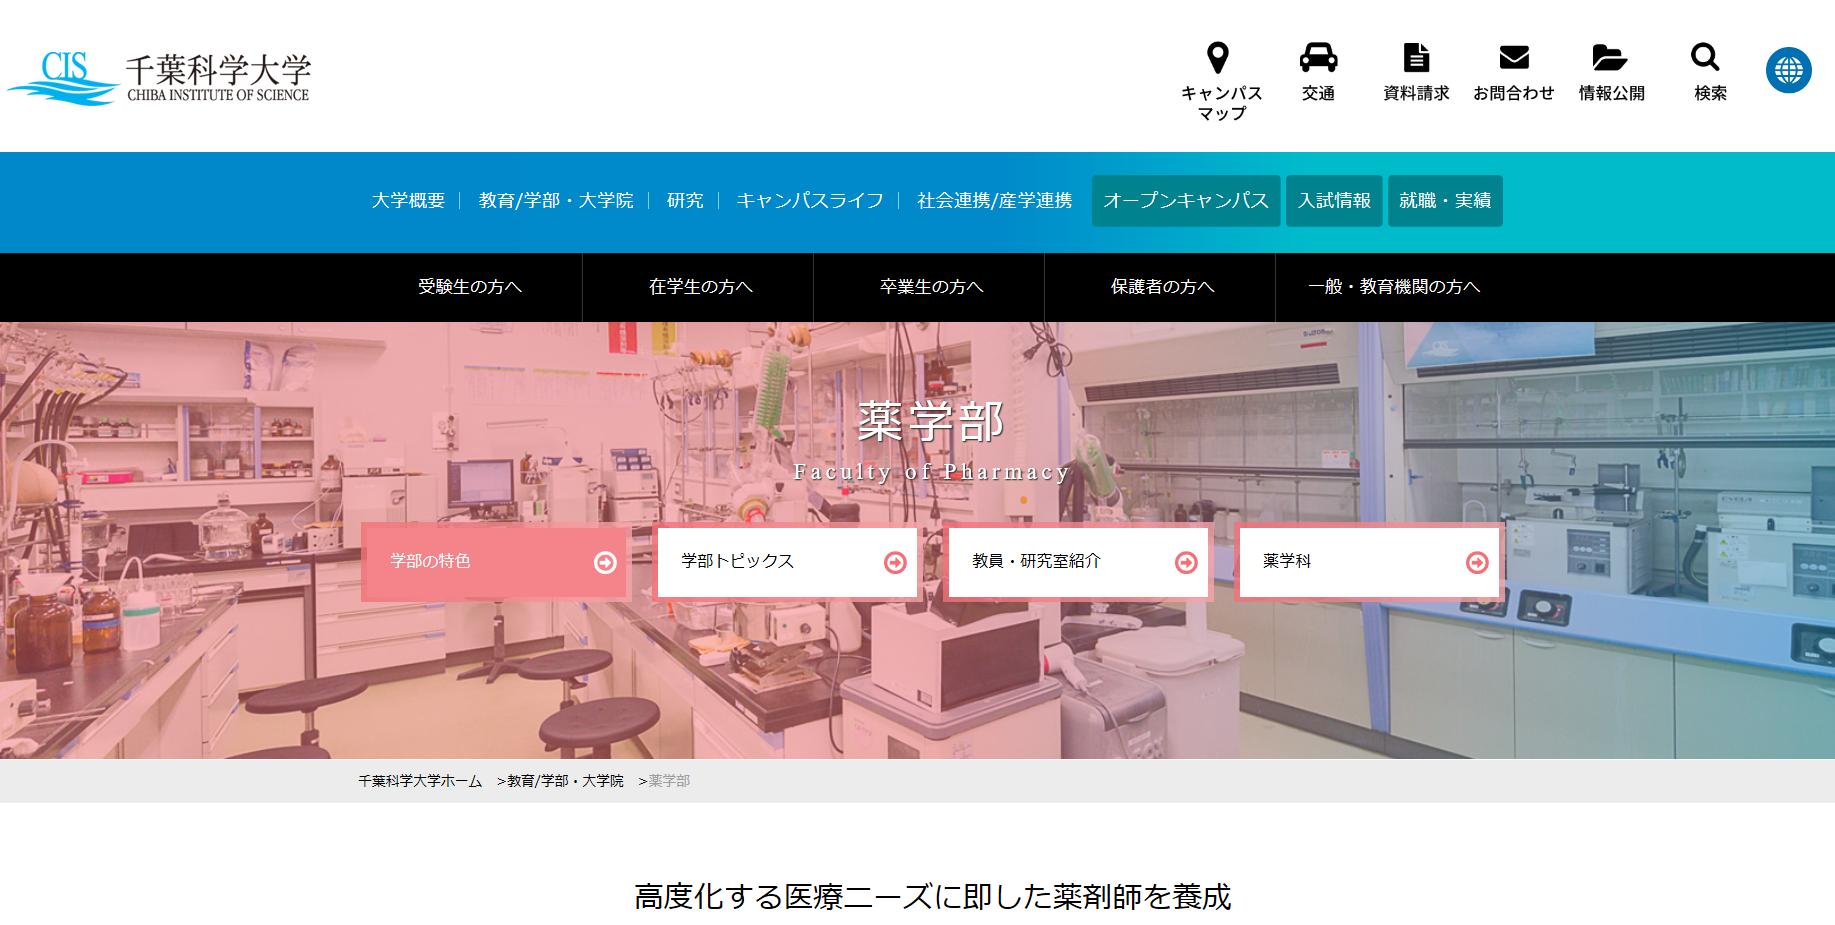 千葉科学大学の評判・口コミ【薬学部編】